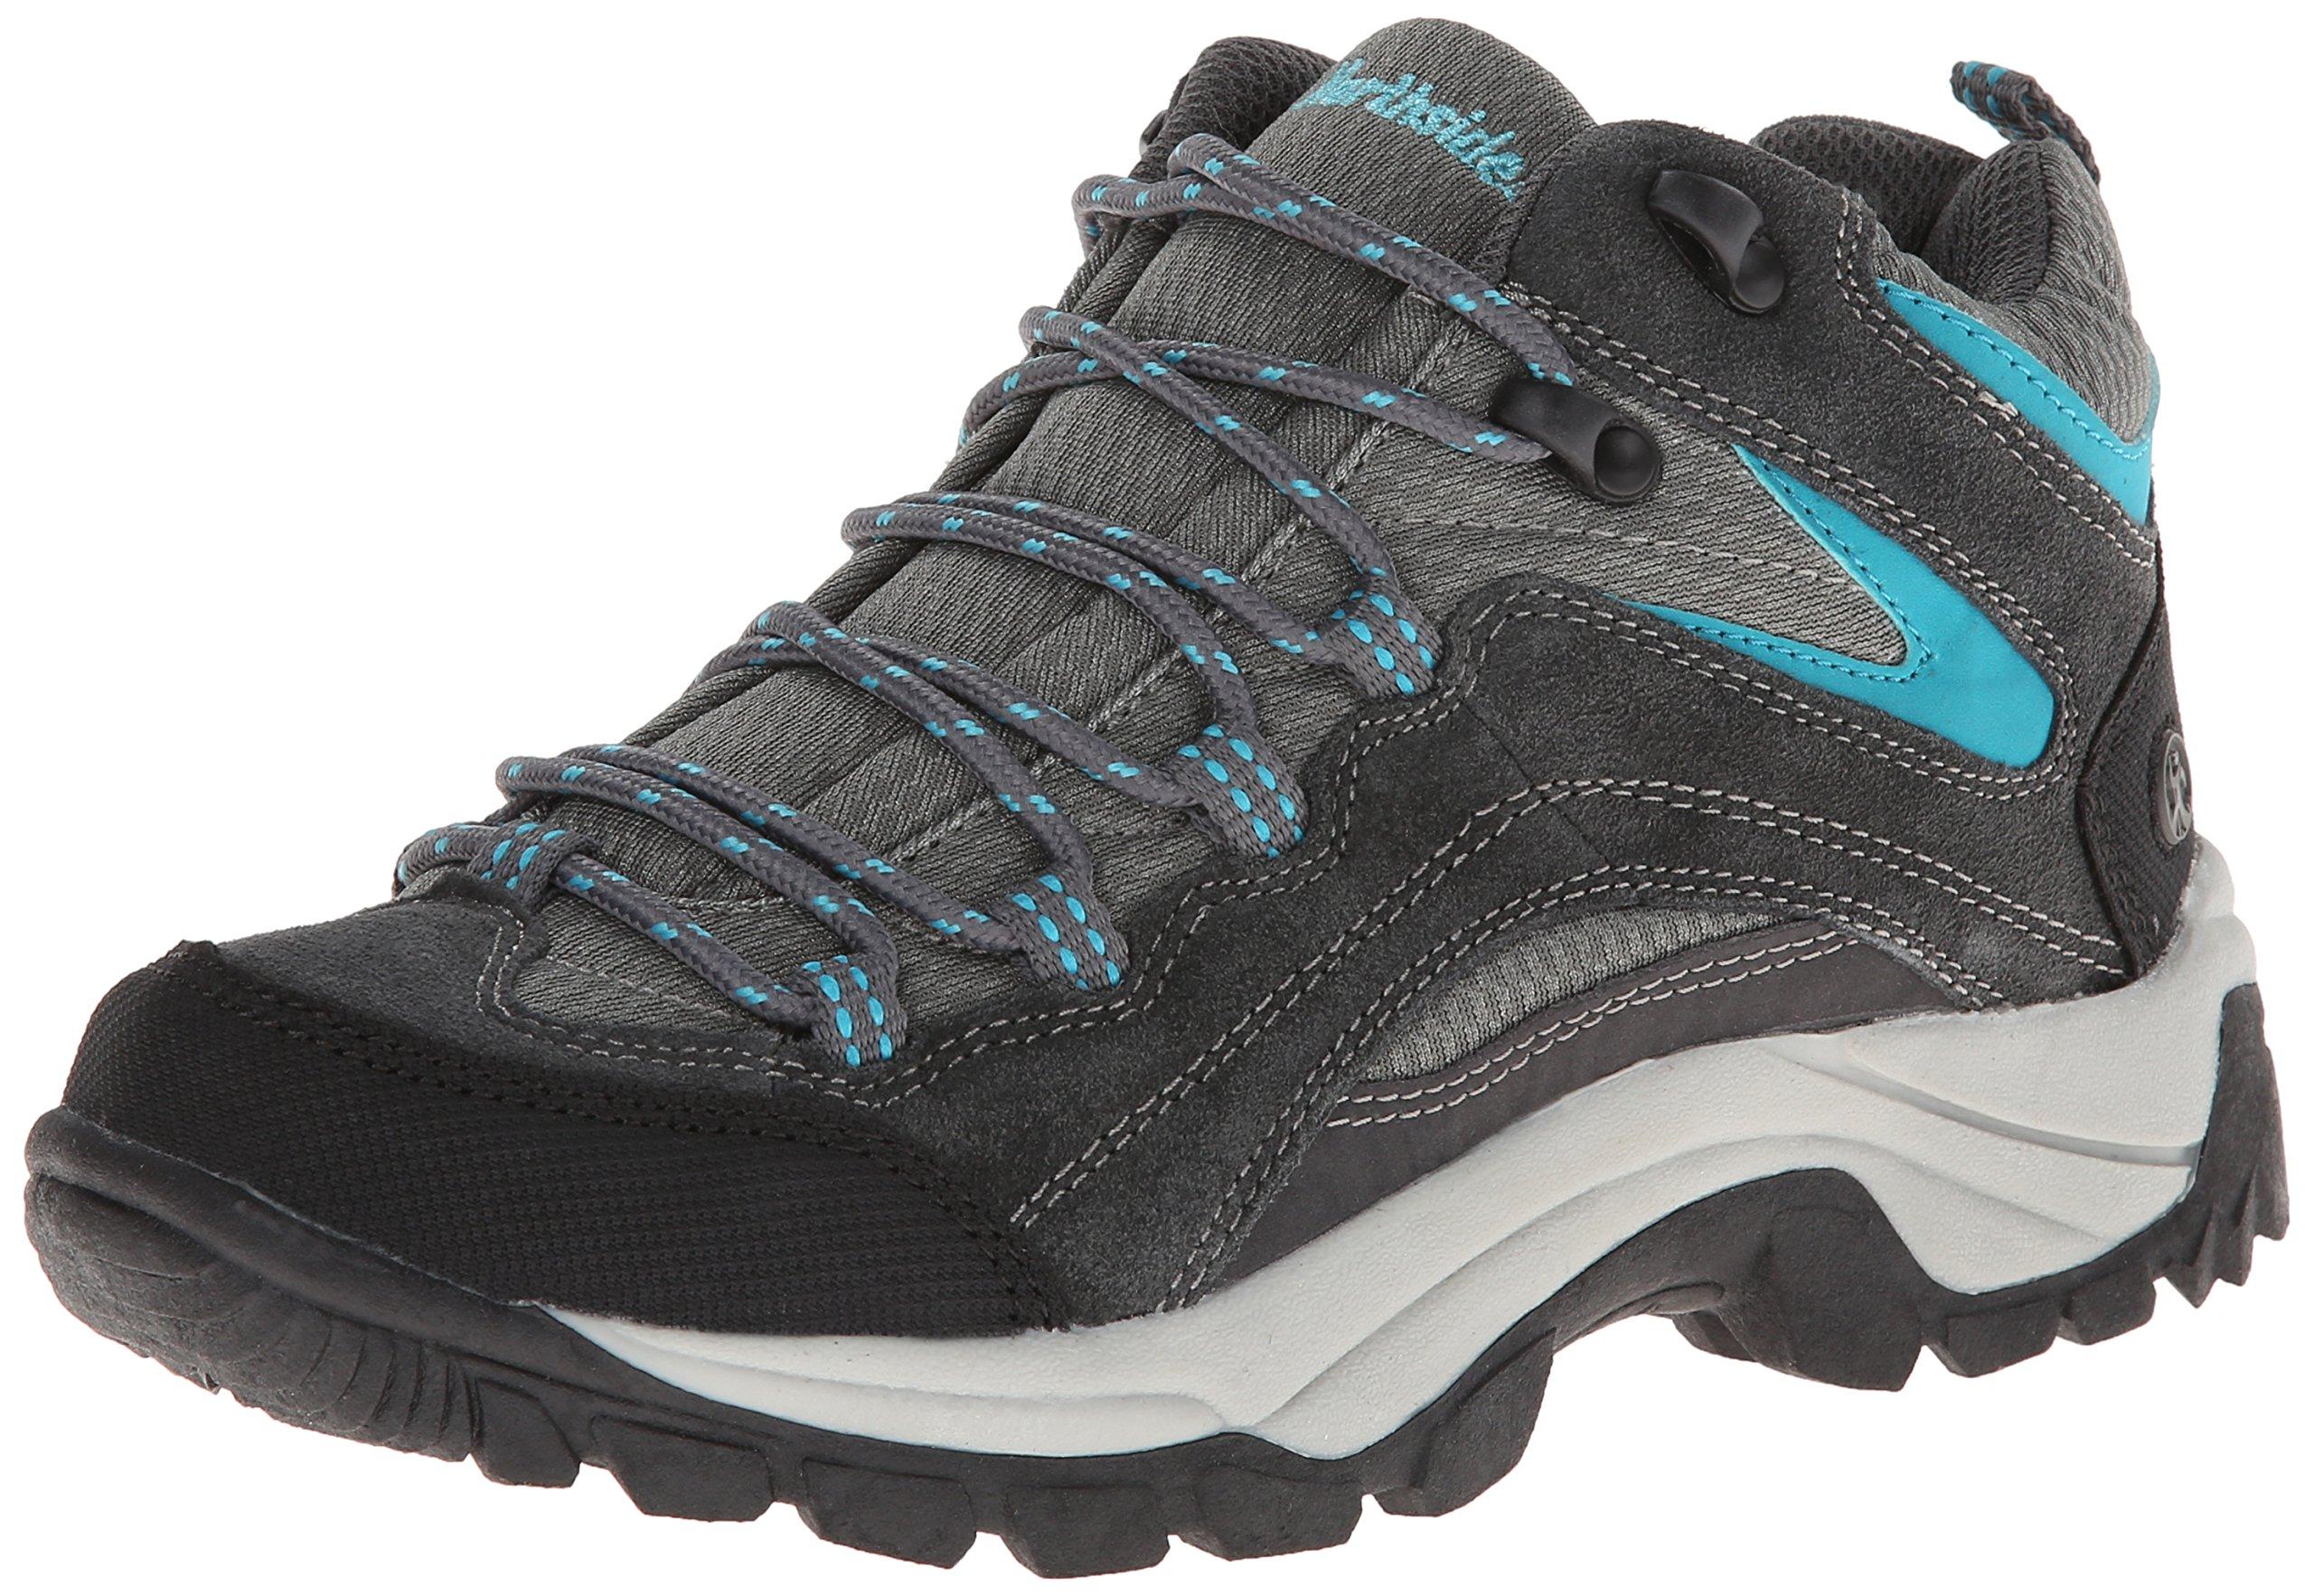 Northside Women's Pioneer Trail Running Shoe,Dark Gray/Dark Turquoise,7.5 M US